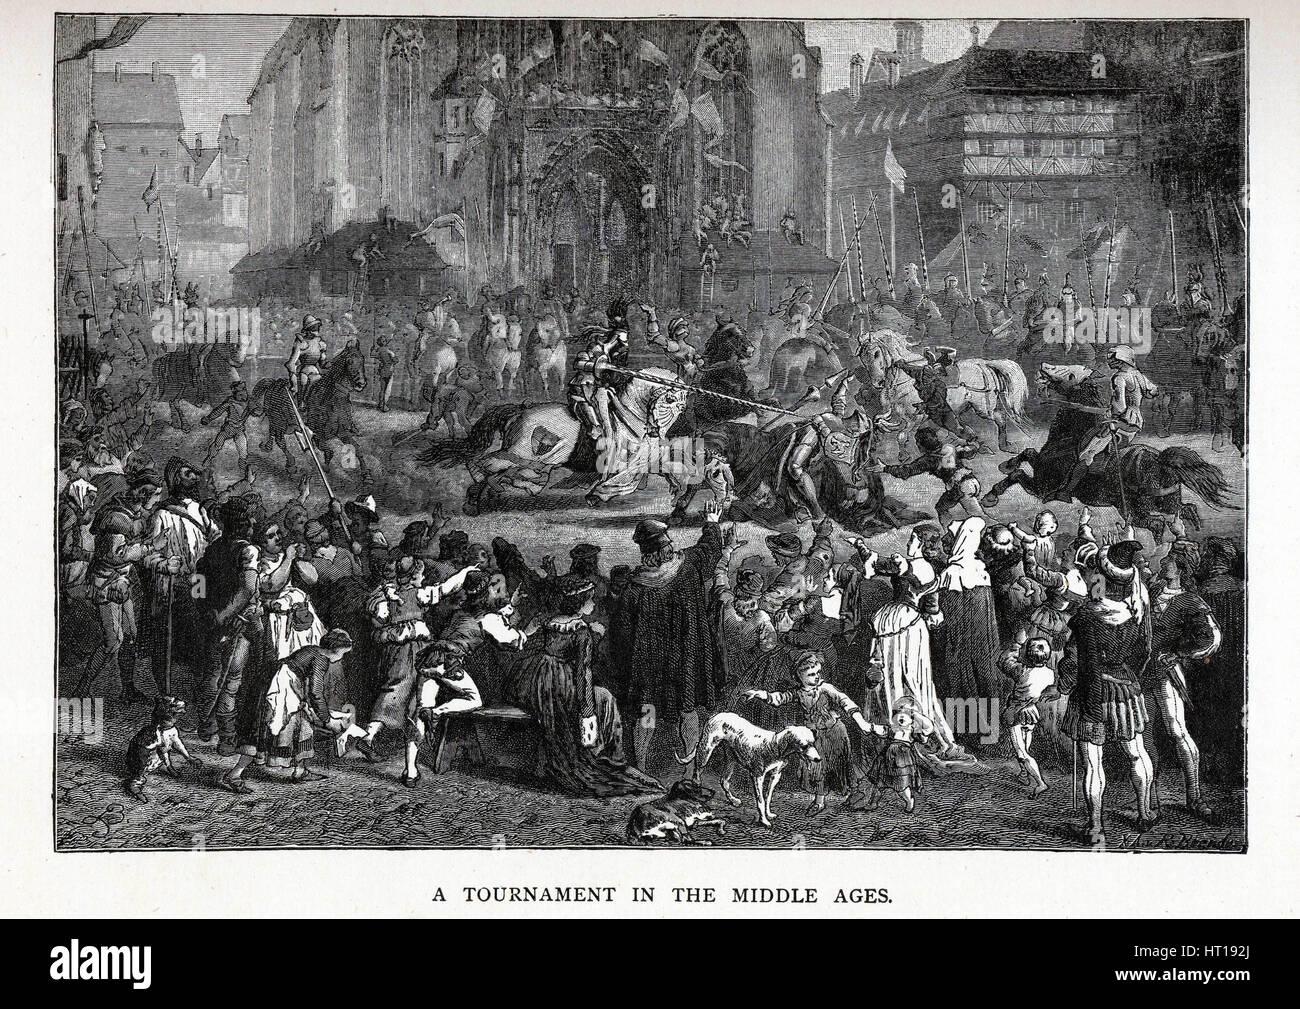 Un torneo nel Medioevo, 1882. Artista: Brend'amour, Richard (1831-1915) Immagini Stock